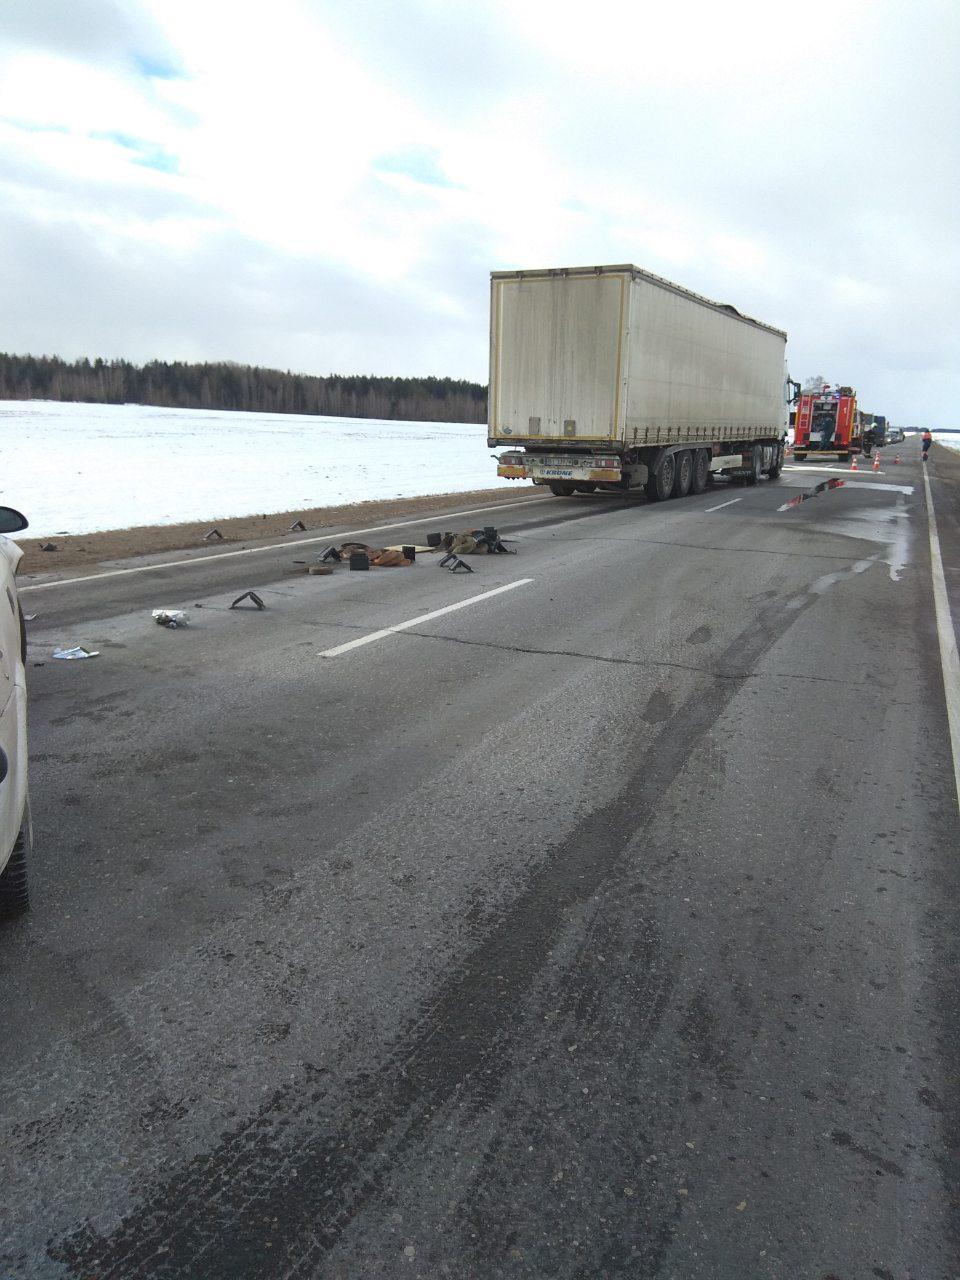 Девушка на Opel столкнулась с грузовиком в Чаусском районе